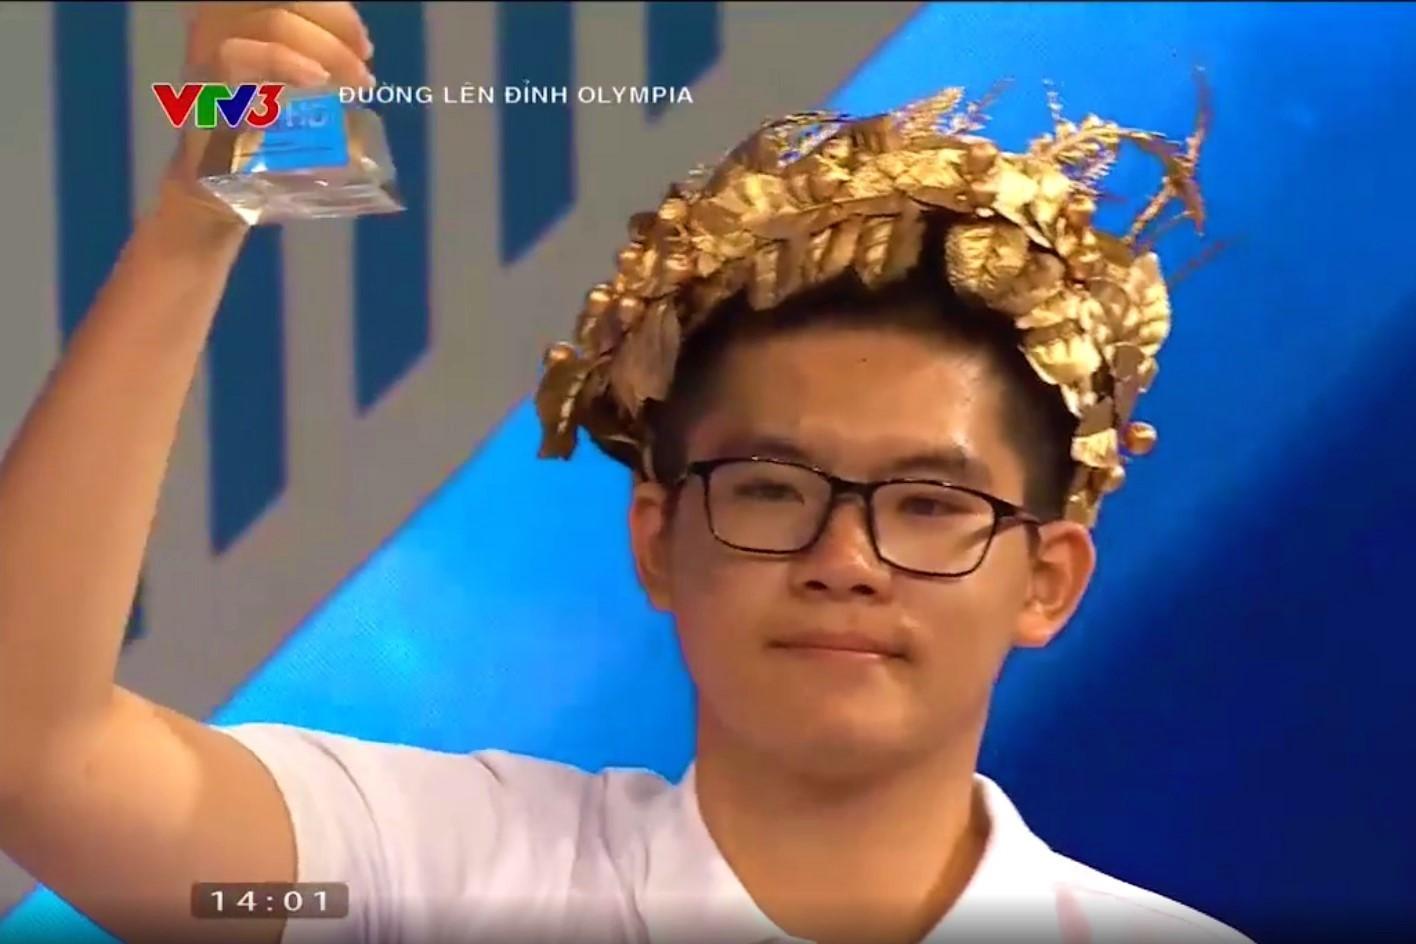 Nam sinh Quảng Ninh giành vé đầu tiên vào chung kết Đường lên đỉnh Olympia